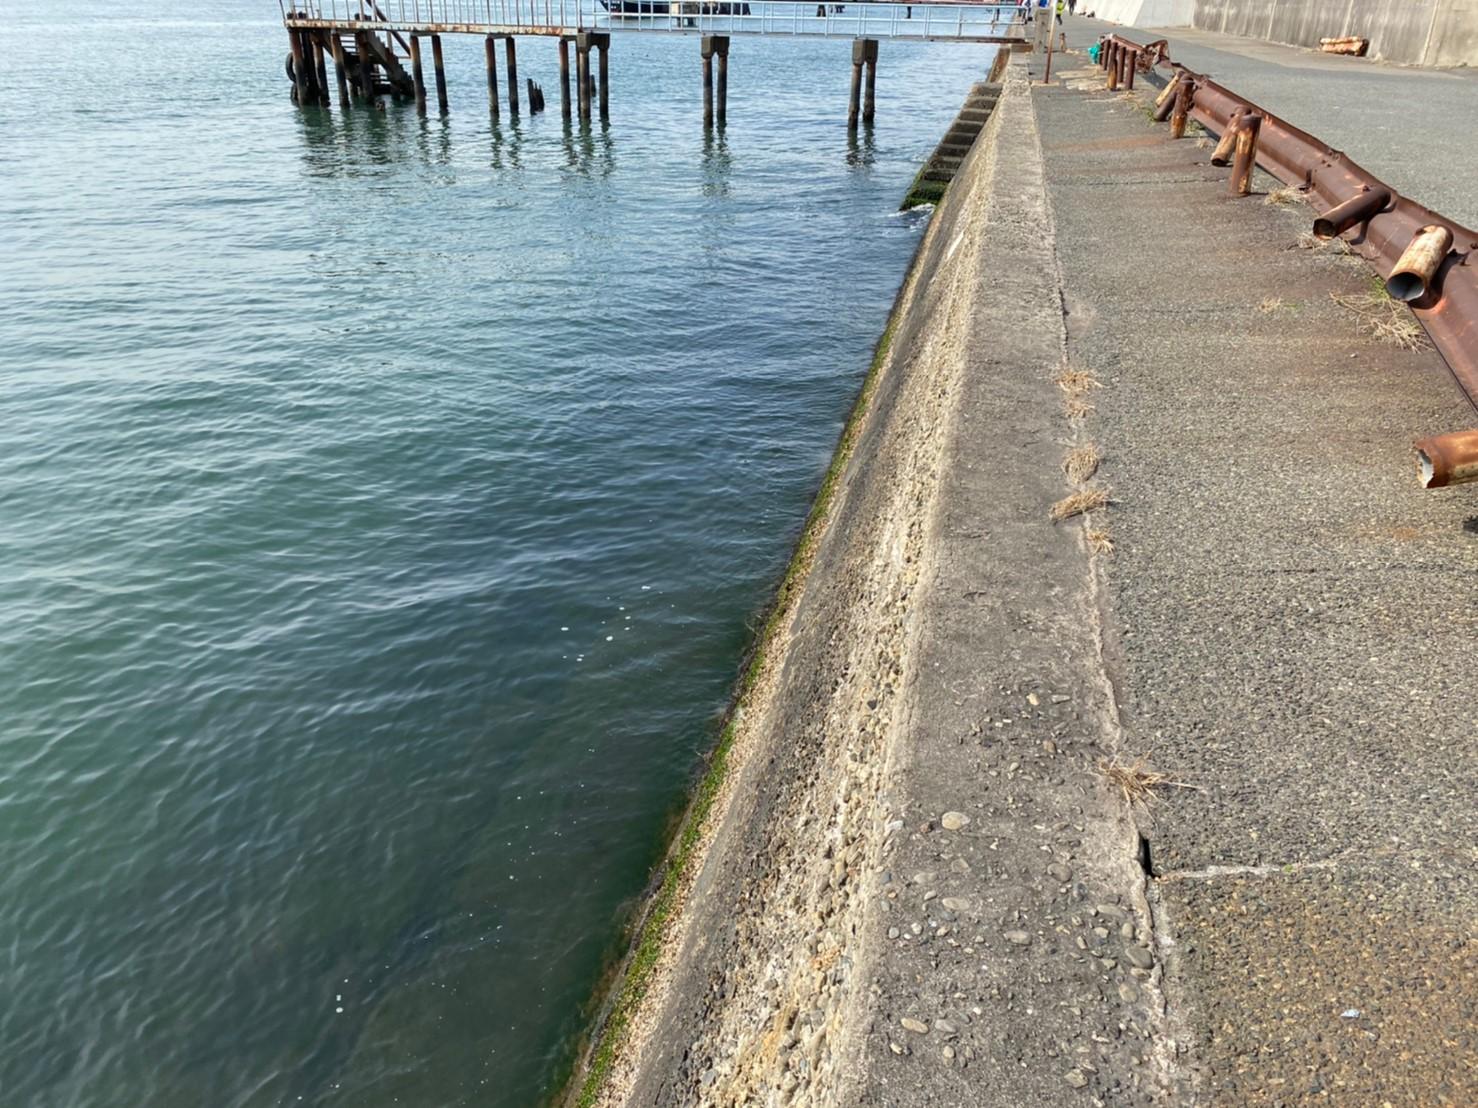 【大人気スポット!】『潮見埠頭:しおみふとう』の釣り場ガイド(駐車場・釣れる魚)